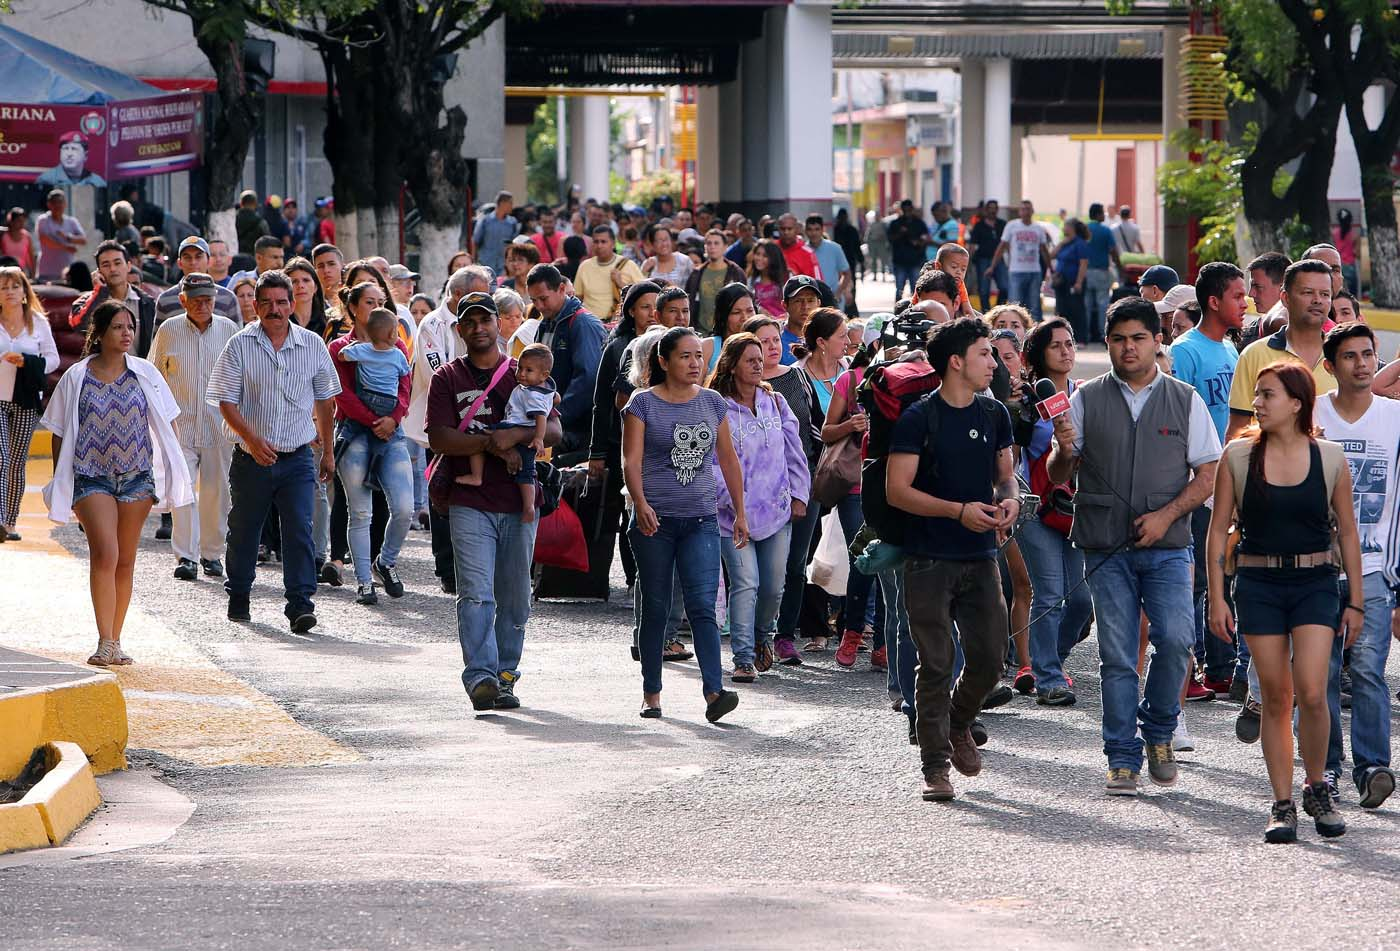 COL01. SAN ANTONIO (VENEZUELA), 13/08/2016.- Venezolanos hacen fila para salir por el puente internacional Simón Bolívar, frontera entre Colombia y Venezuela, hoy sábado 13 de agosto de 2016, en San Antonio (Venezuela). Alrededor de 20.000 ciudadanos de Venezuela ingresaron hoy a Colombia durante las primeras cinco horas en las que permaneció abierta la frontera entre ambos países que llevaba casi un año cerrada, informaron fuentes oficiales. EFE/MAURICIO DUEÑAS CASTAÑEDA